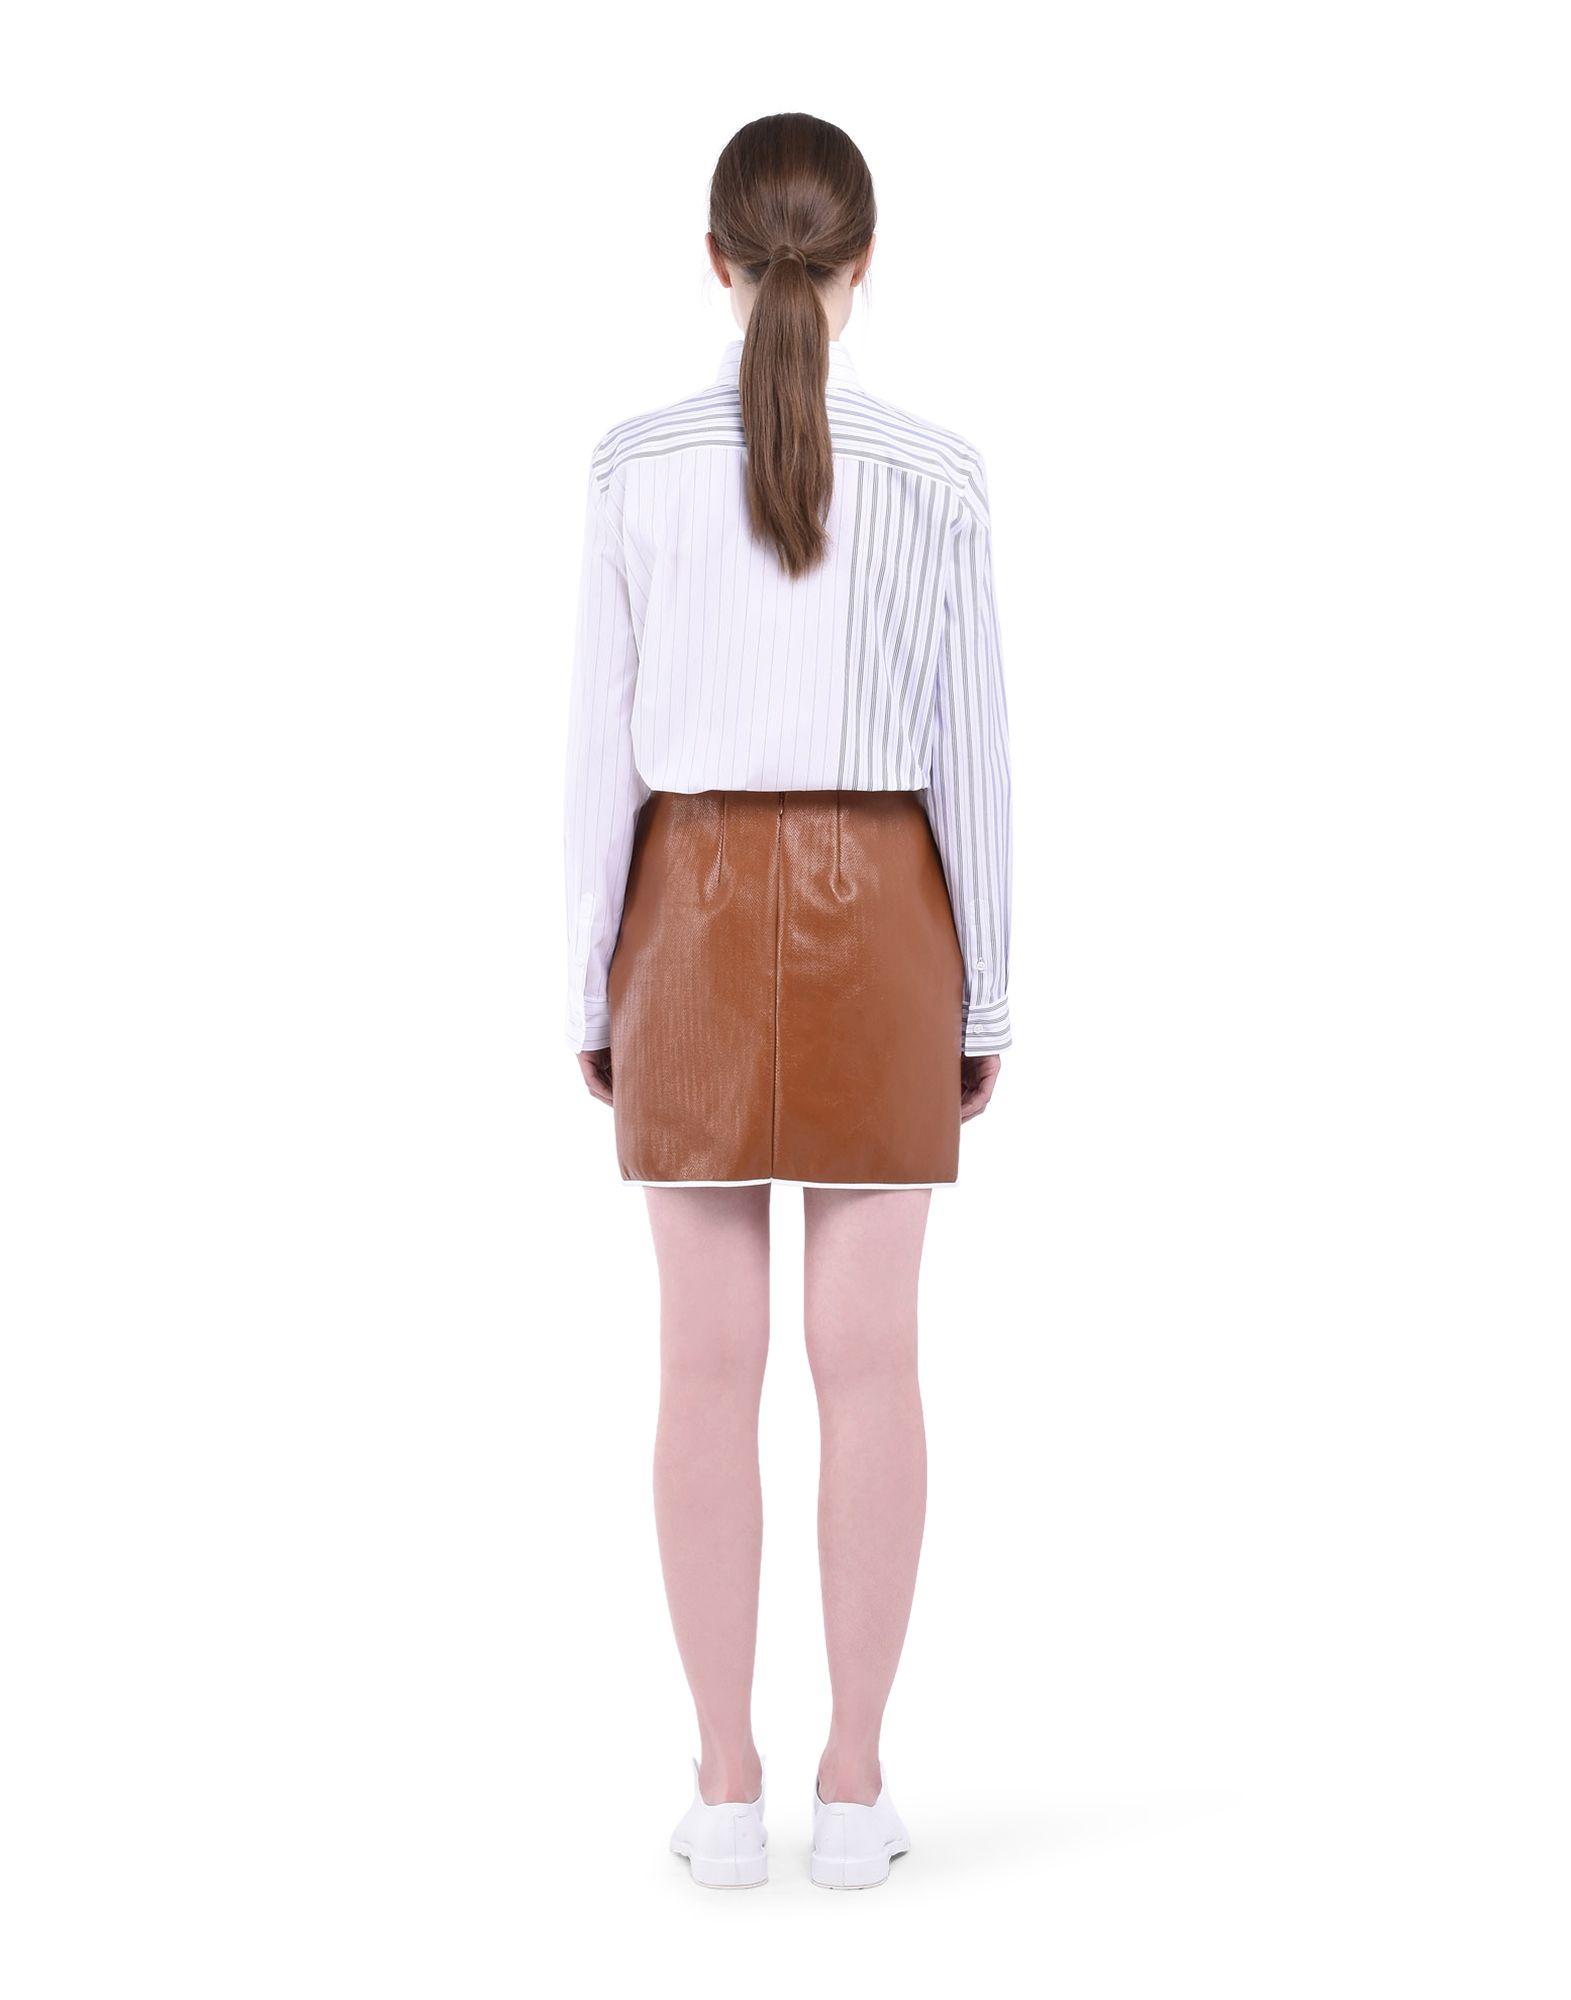 Mini skirt - JIL SANDER Online Store